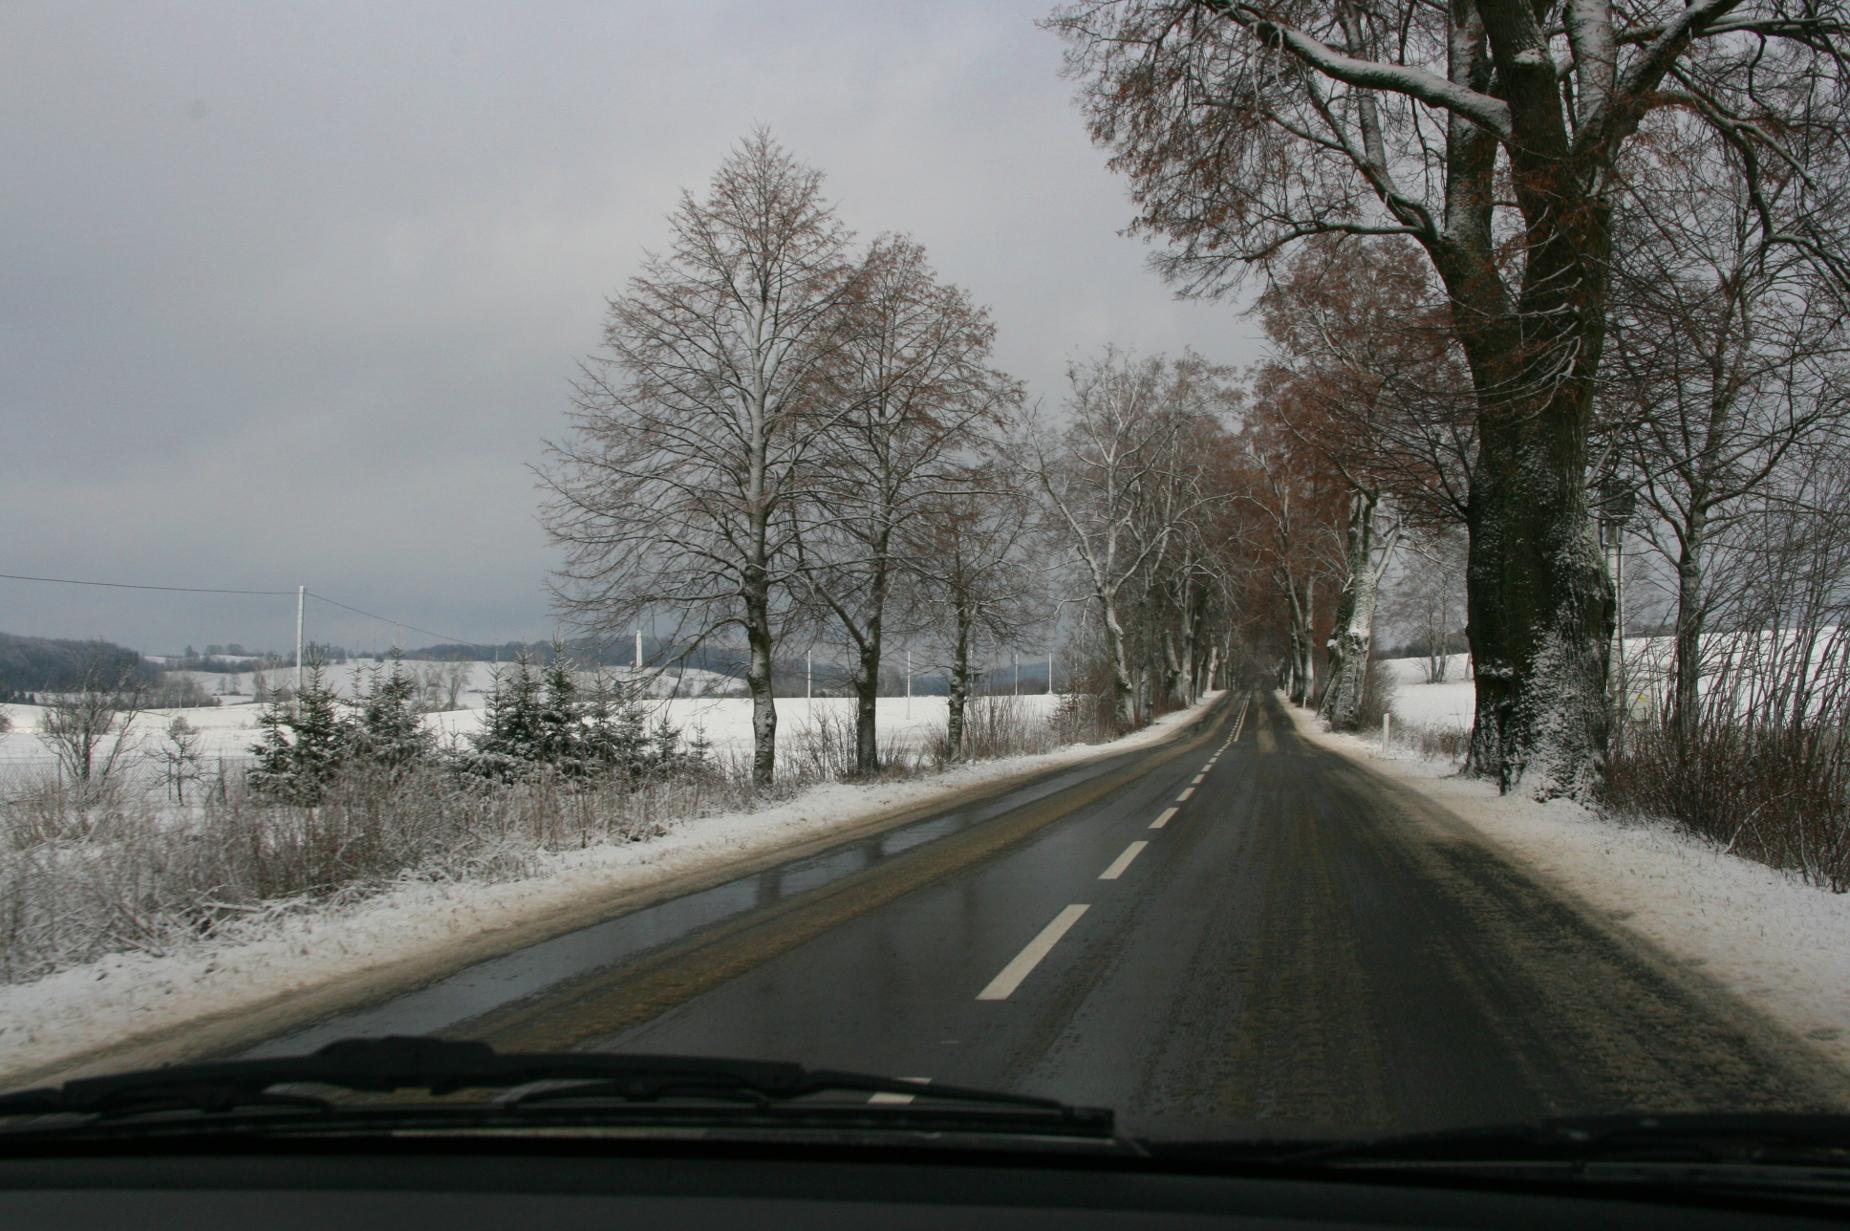 """Śnieg albo lód na drodze? Akcja """"Zima"""" na drogach to kilkadziesiąt pługów i piaskarek. Co każdy kierowca wiedzieć powinien?"""